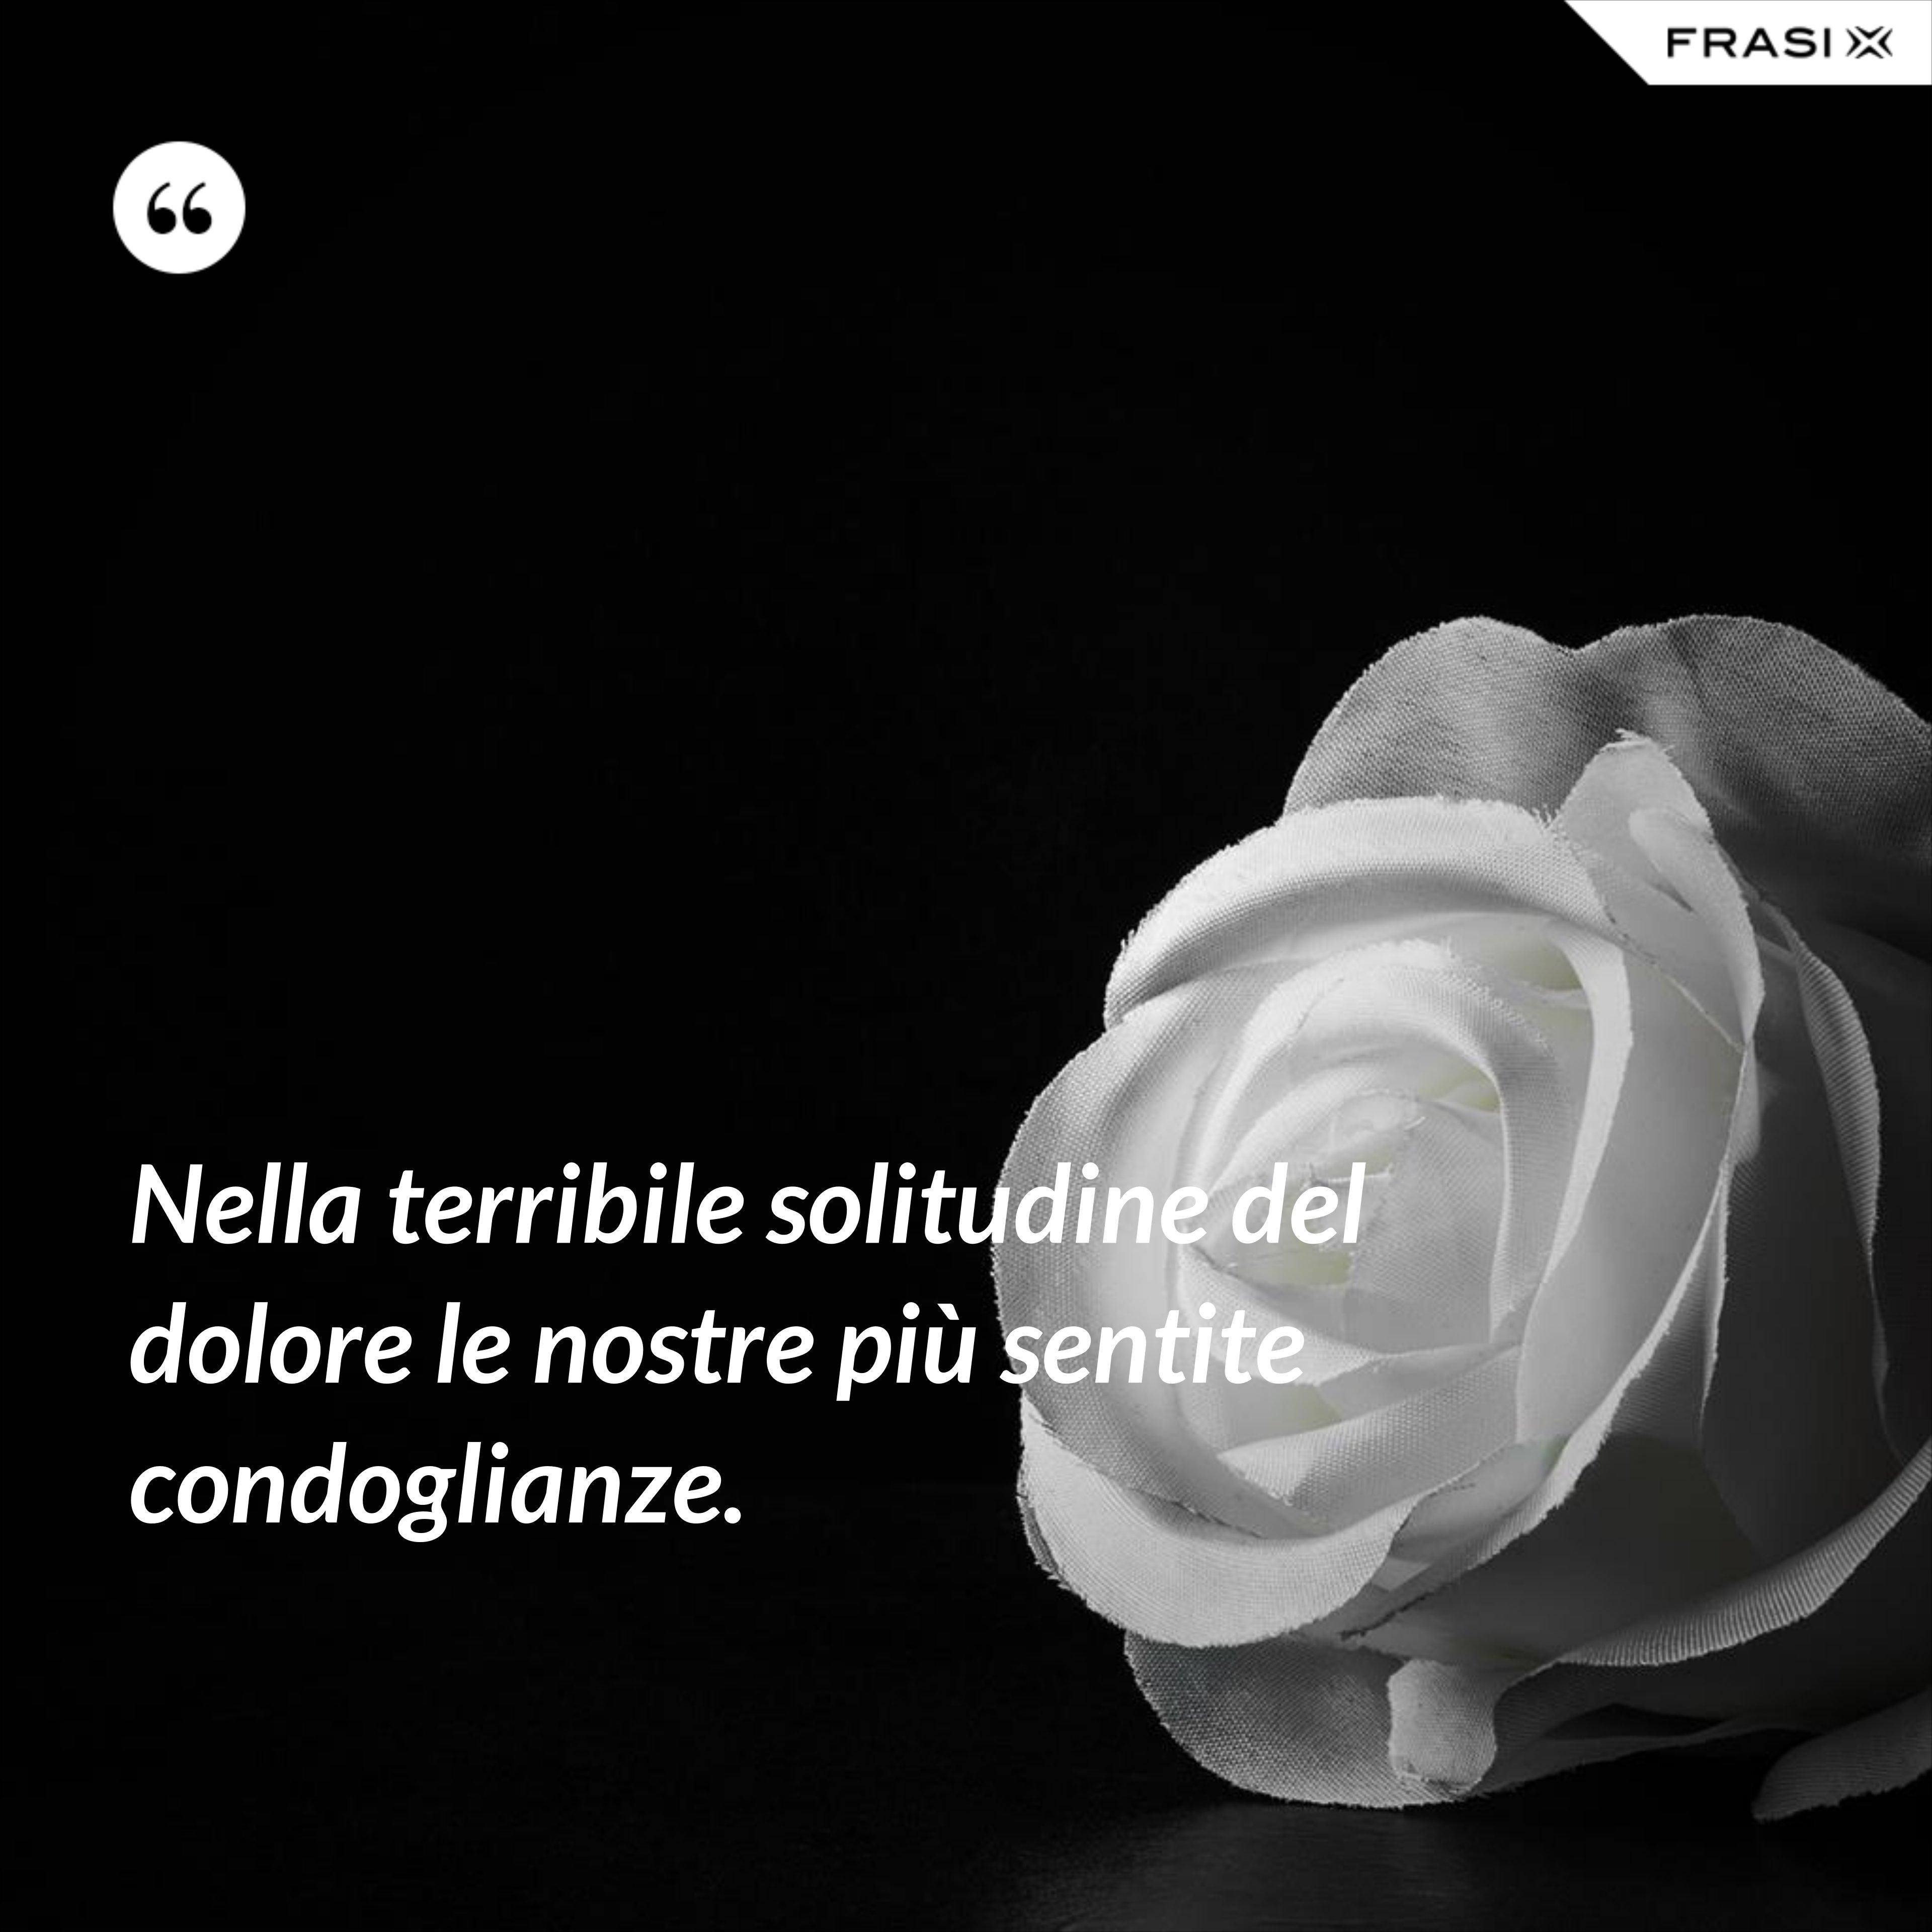 Nella terribile solitudine del dolore le nostre più sentite condoglianze. - Anonimo